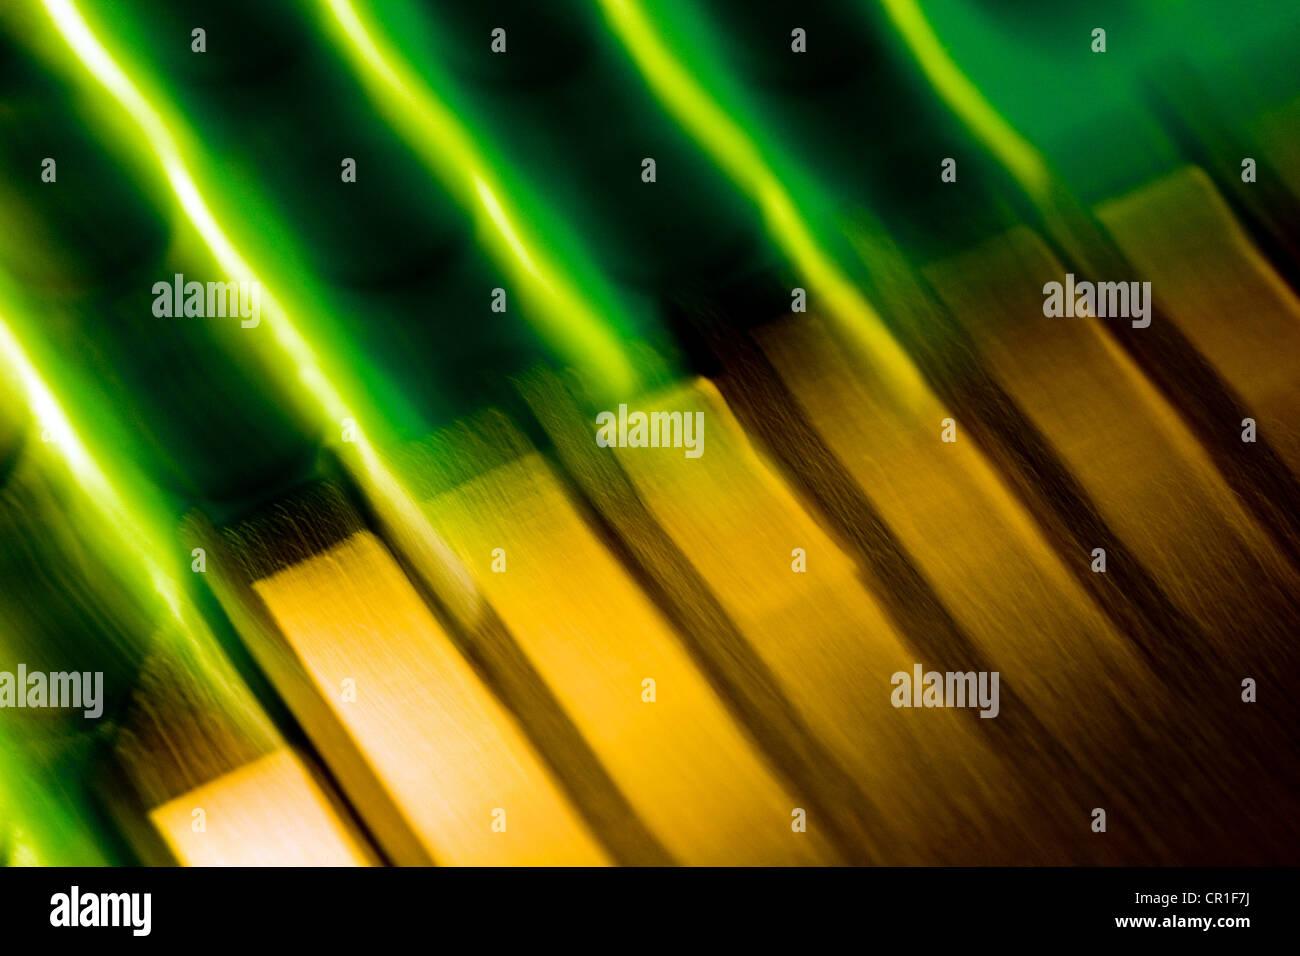 Elektronische Kontakte, abstraktes Bild mit einer hohen Vergrößerung-Makro-Objektiv aufgenommen. Stockbild